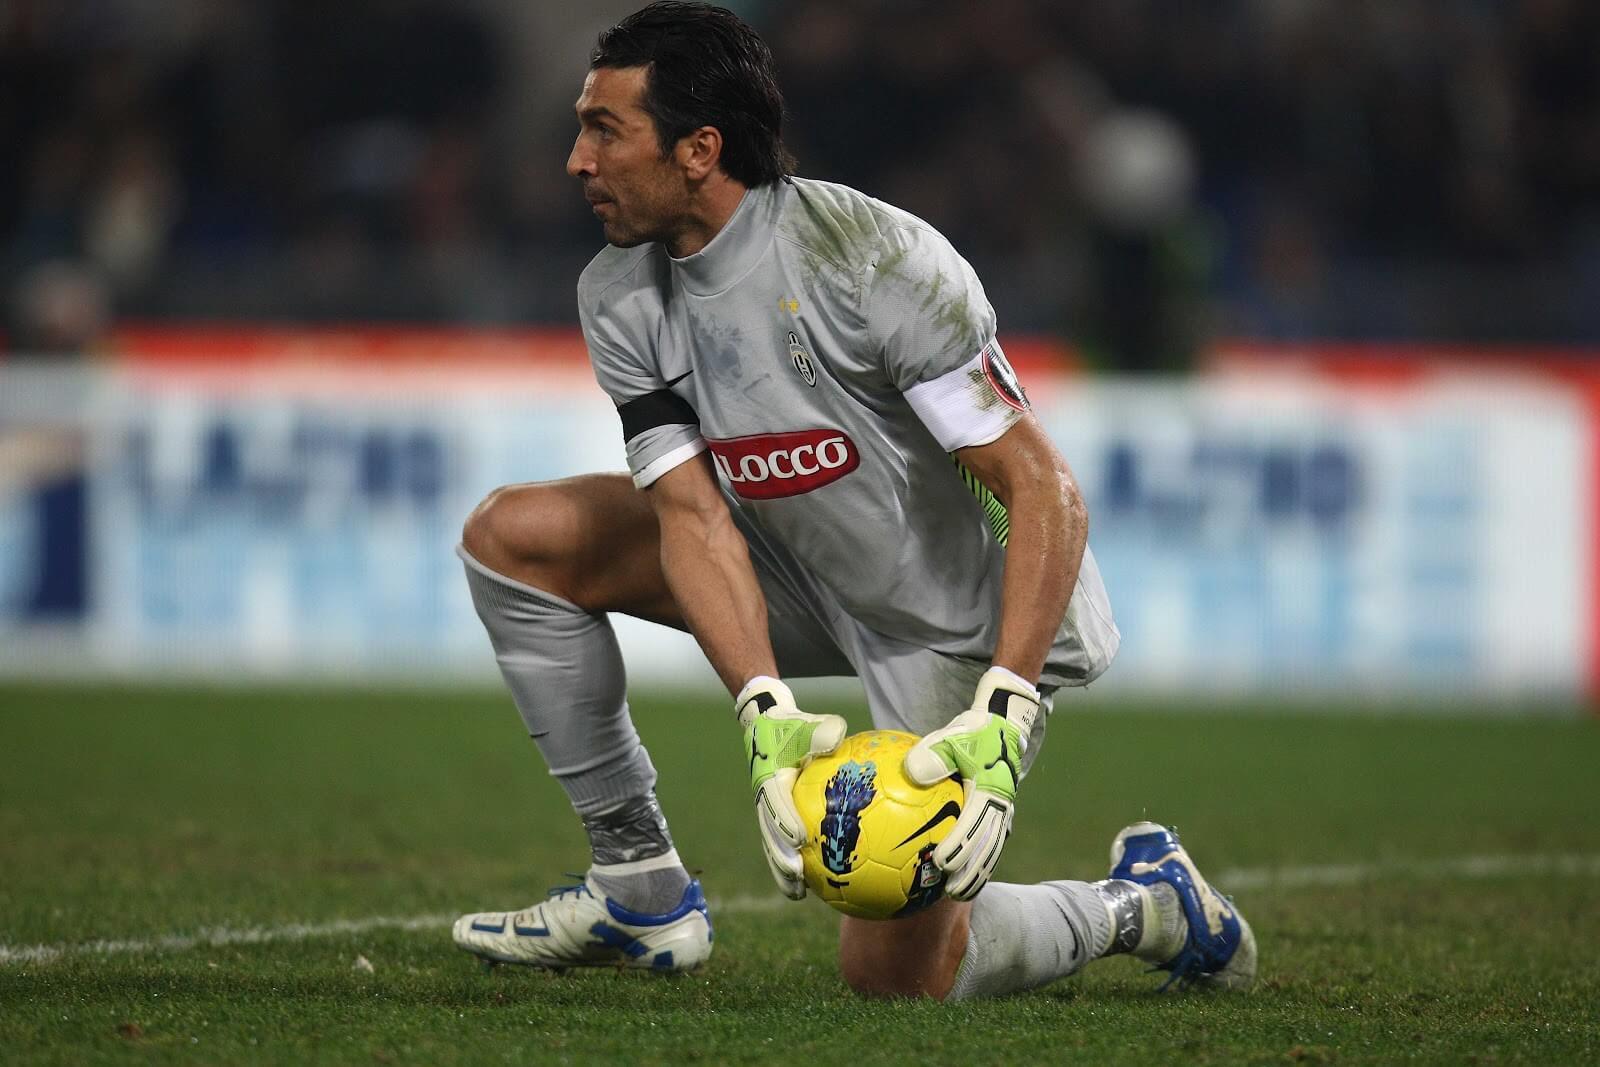 Gigi Buffon compie 37 anni. Gallery celebrativa